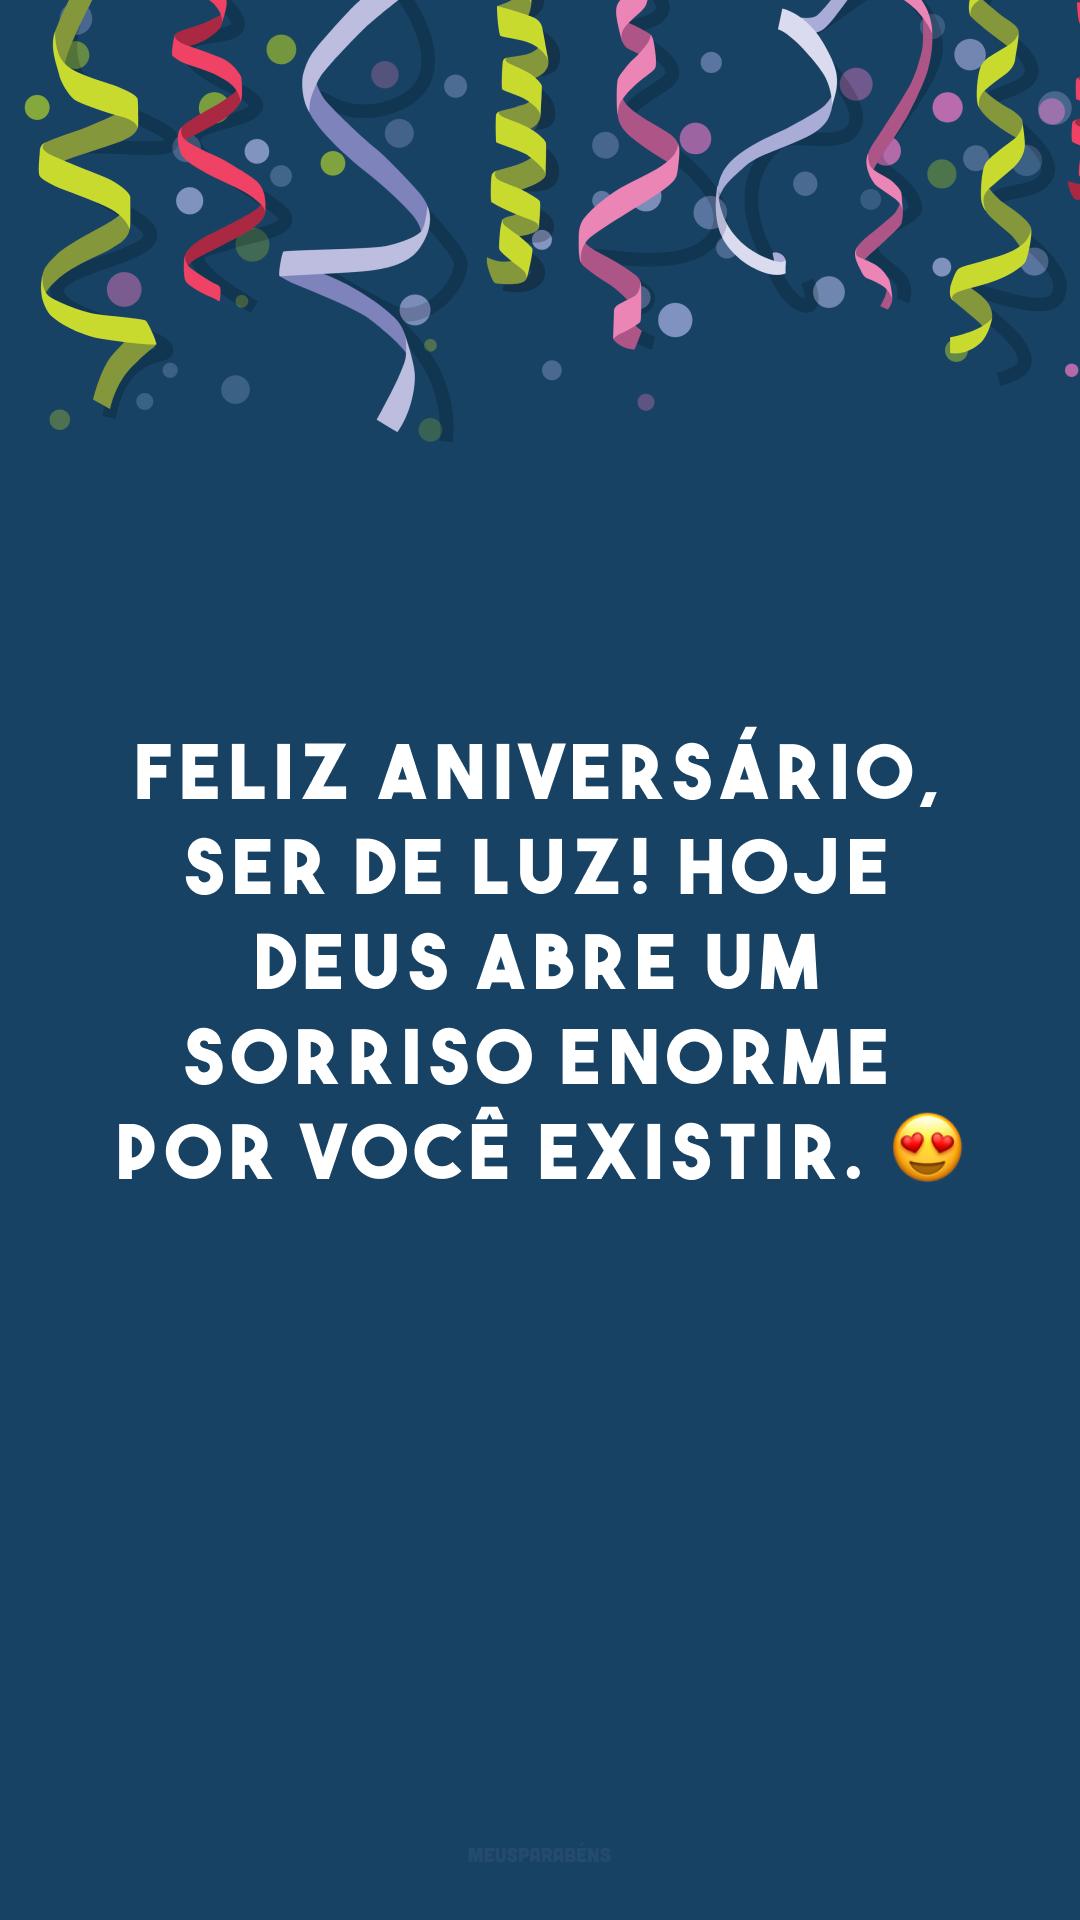 Feliz aniversário, ser de luz! Hoje Deus abre um sorriso enorme por você existir. 😍